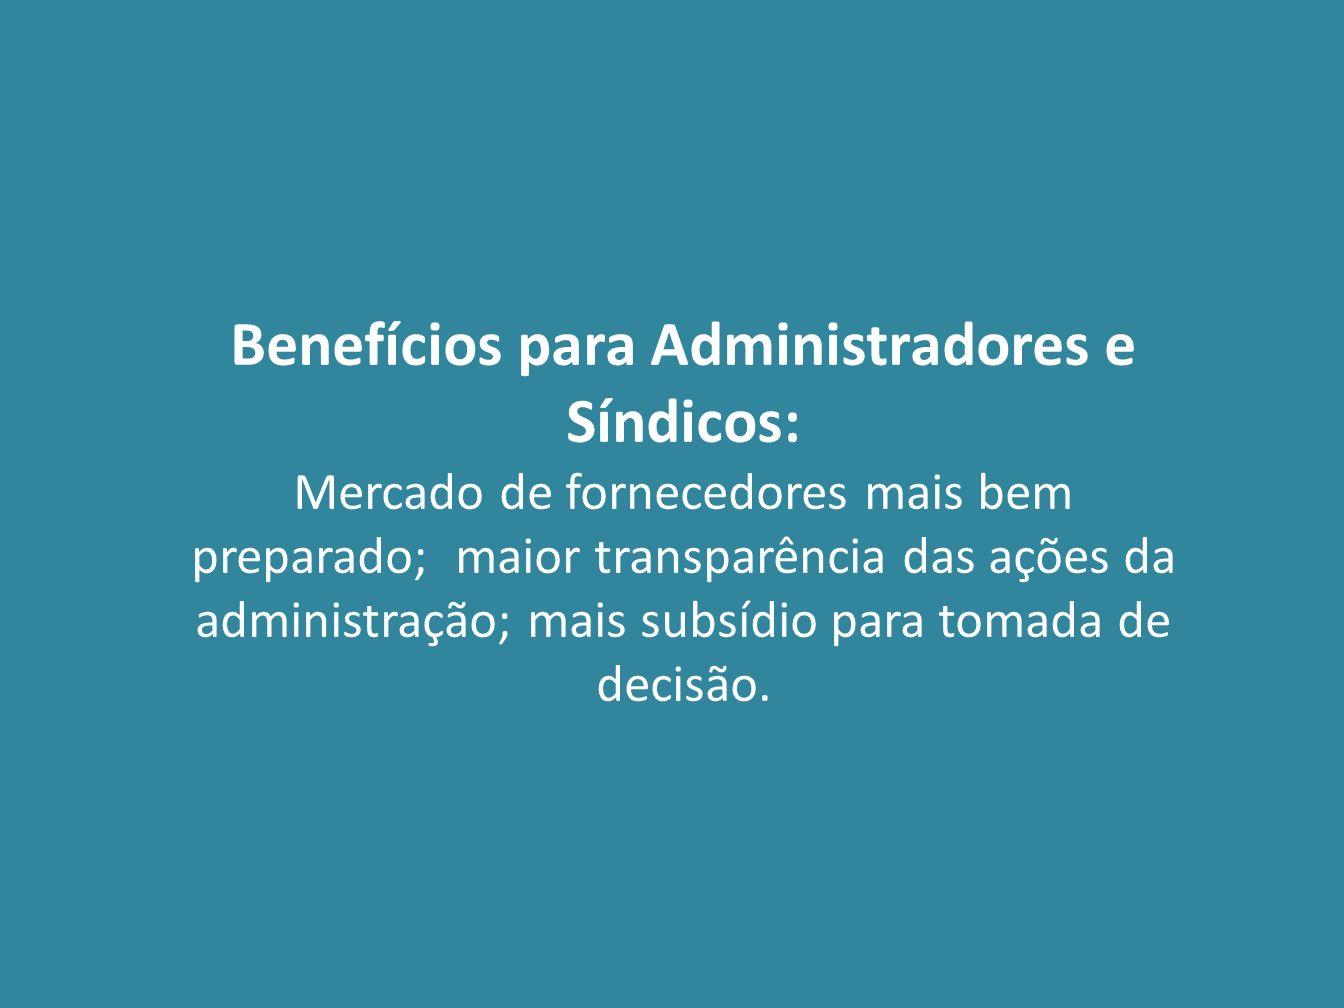 Benefícios para Administradores e Síndicos: Mercado de fornecedores mais bem preparado; maior transparência das ações da administração; mais subsídio